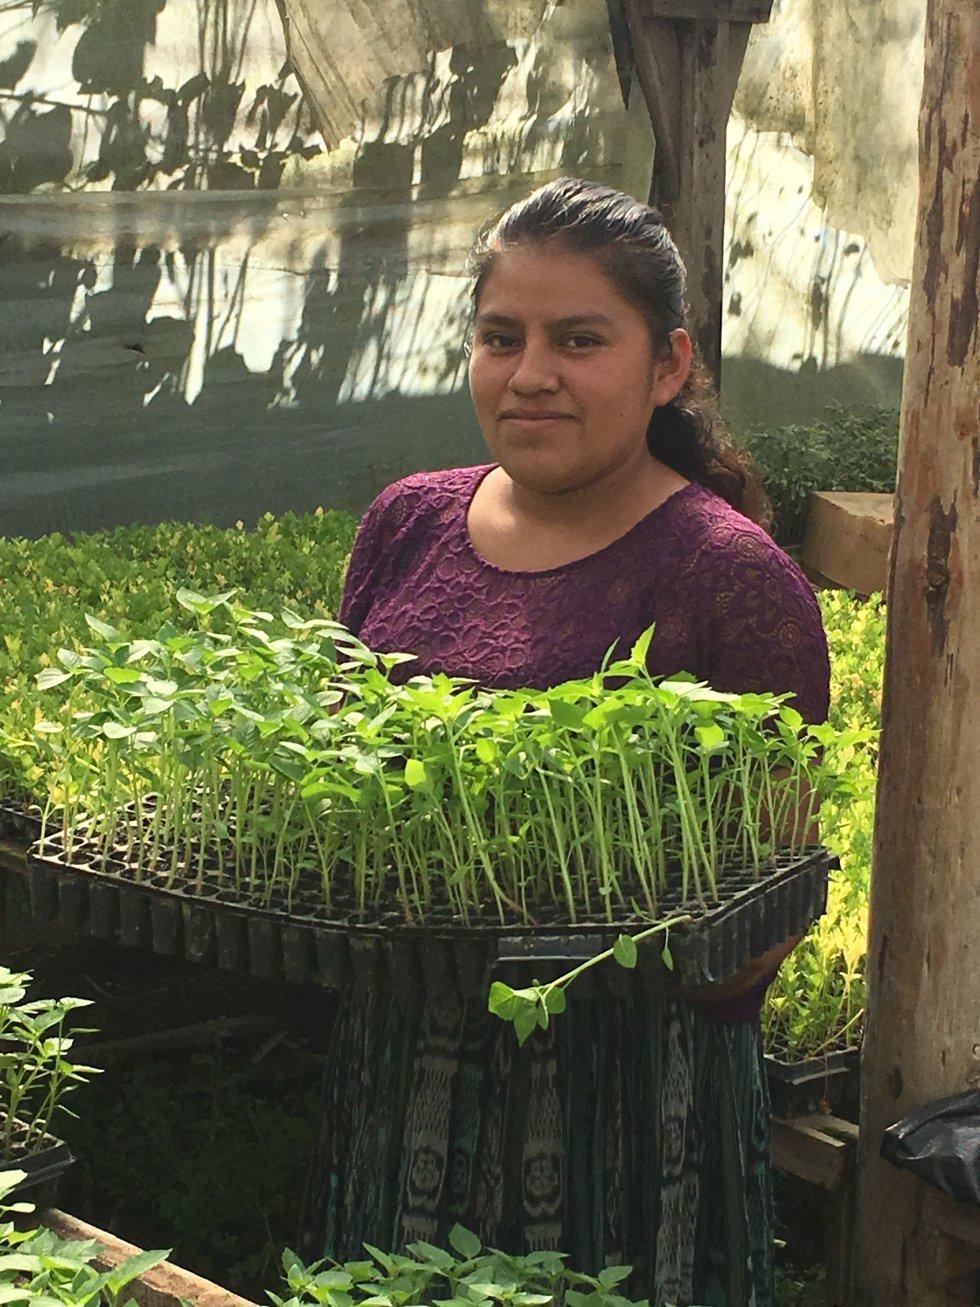 """Dentro de su Campaña Global para el Empoderamiento de las Mujeres Indígenas para el Hambre Cero, la Organización de las Naciones Unidas para la Alimentación y la Agricultura (FAO) junto al Foro Internacional de Mujeres Indígenas (FIMI) y la Agencia de Noticias de Mujeres Indígenas y Afrodescendientes (NOTIMIA) han organizado un concurso fotográfico en el que las imágenes debían estar tomadas por las propias mujeres. Esta fue una de las que recibió mención honorífica. """"Las mujeres Mayas Pocomch'i participamos en nuestras comunidades en la ejecución de proyectos productivos. Soñamos un mundo sin hambre o malnutrición, donde mujeres, hombres, niños y niñas tengan igual acceso a alimentos nutritivos y sanos, así como acceso a los medios para producir, vender y comprar alimentos. Nosotras soñamos con un mundo libre de violencia por motivo de género donde los roles, responsabilidades, oportunidades sean iguales para hombre como para las mujeres""""."""